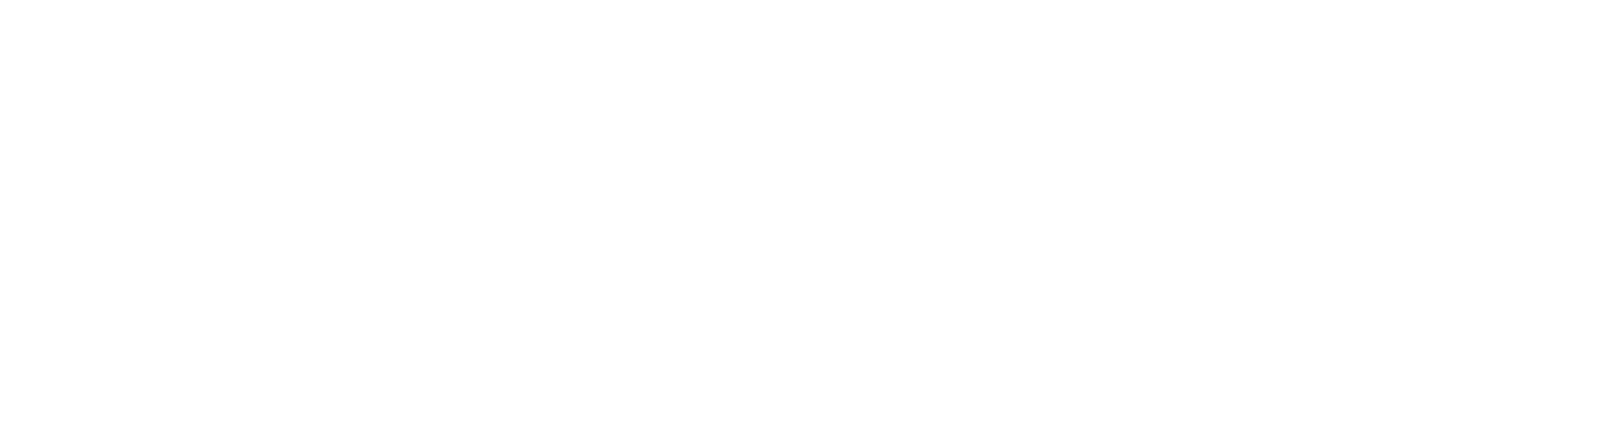 Amt Ruhland gemeinsam gestalten